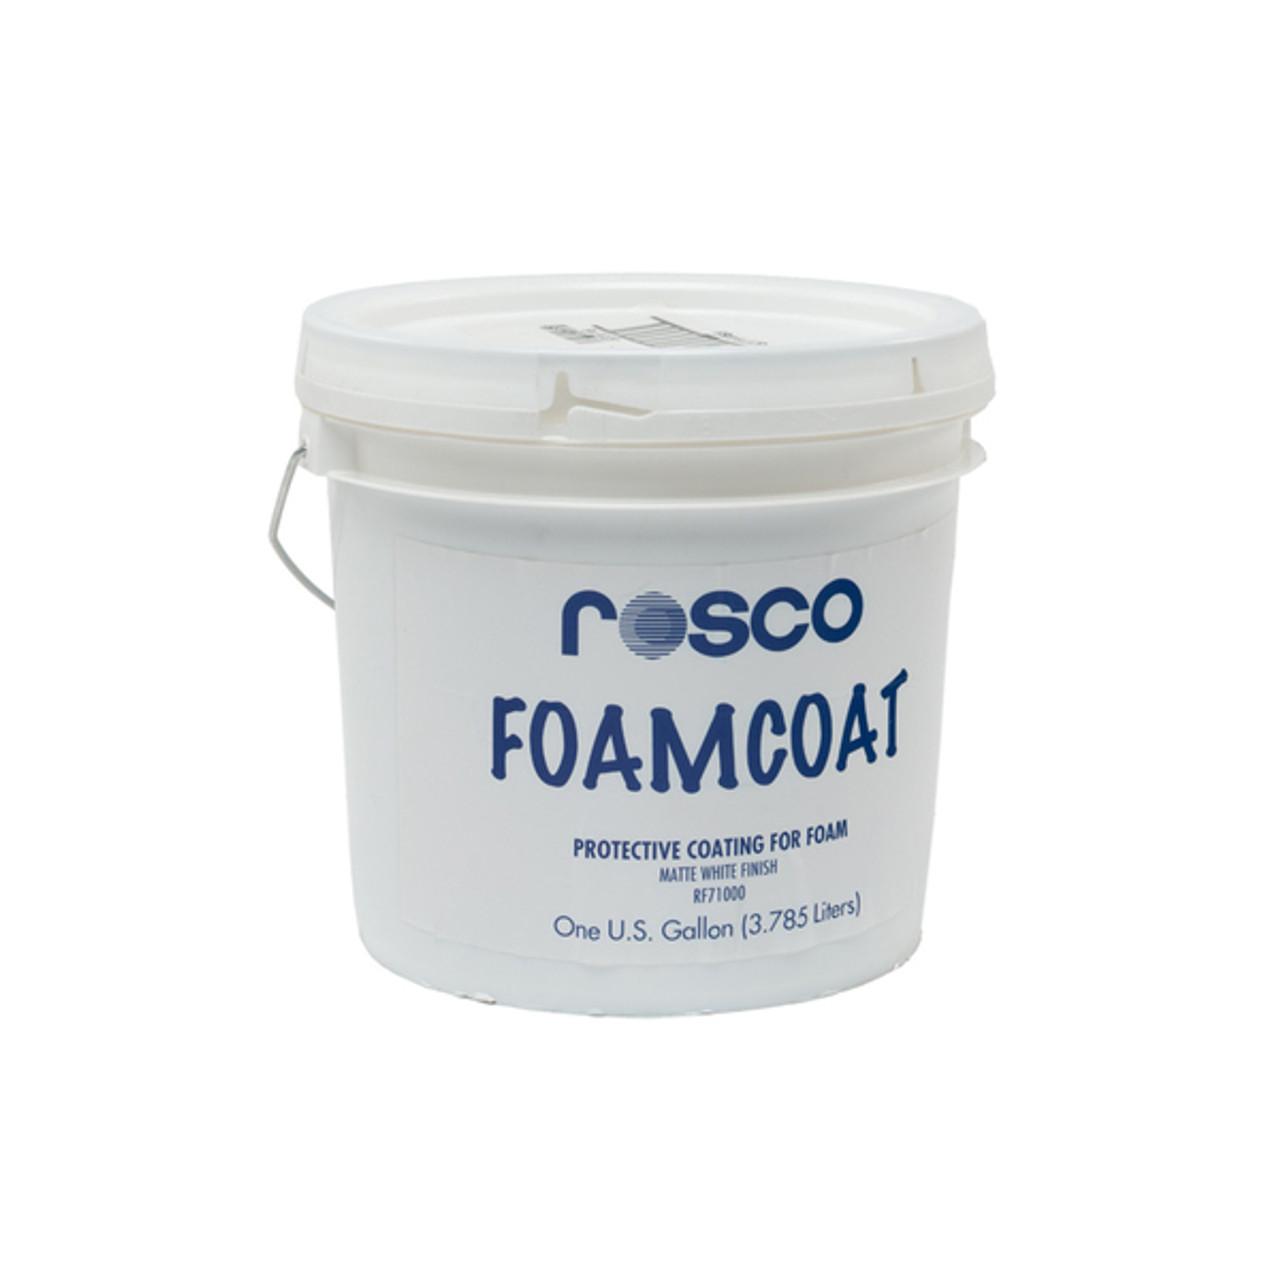 Rosco Foam Coat-Flame Retardant